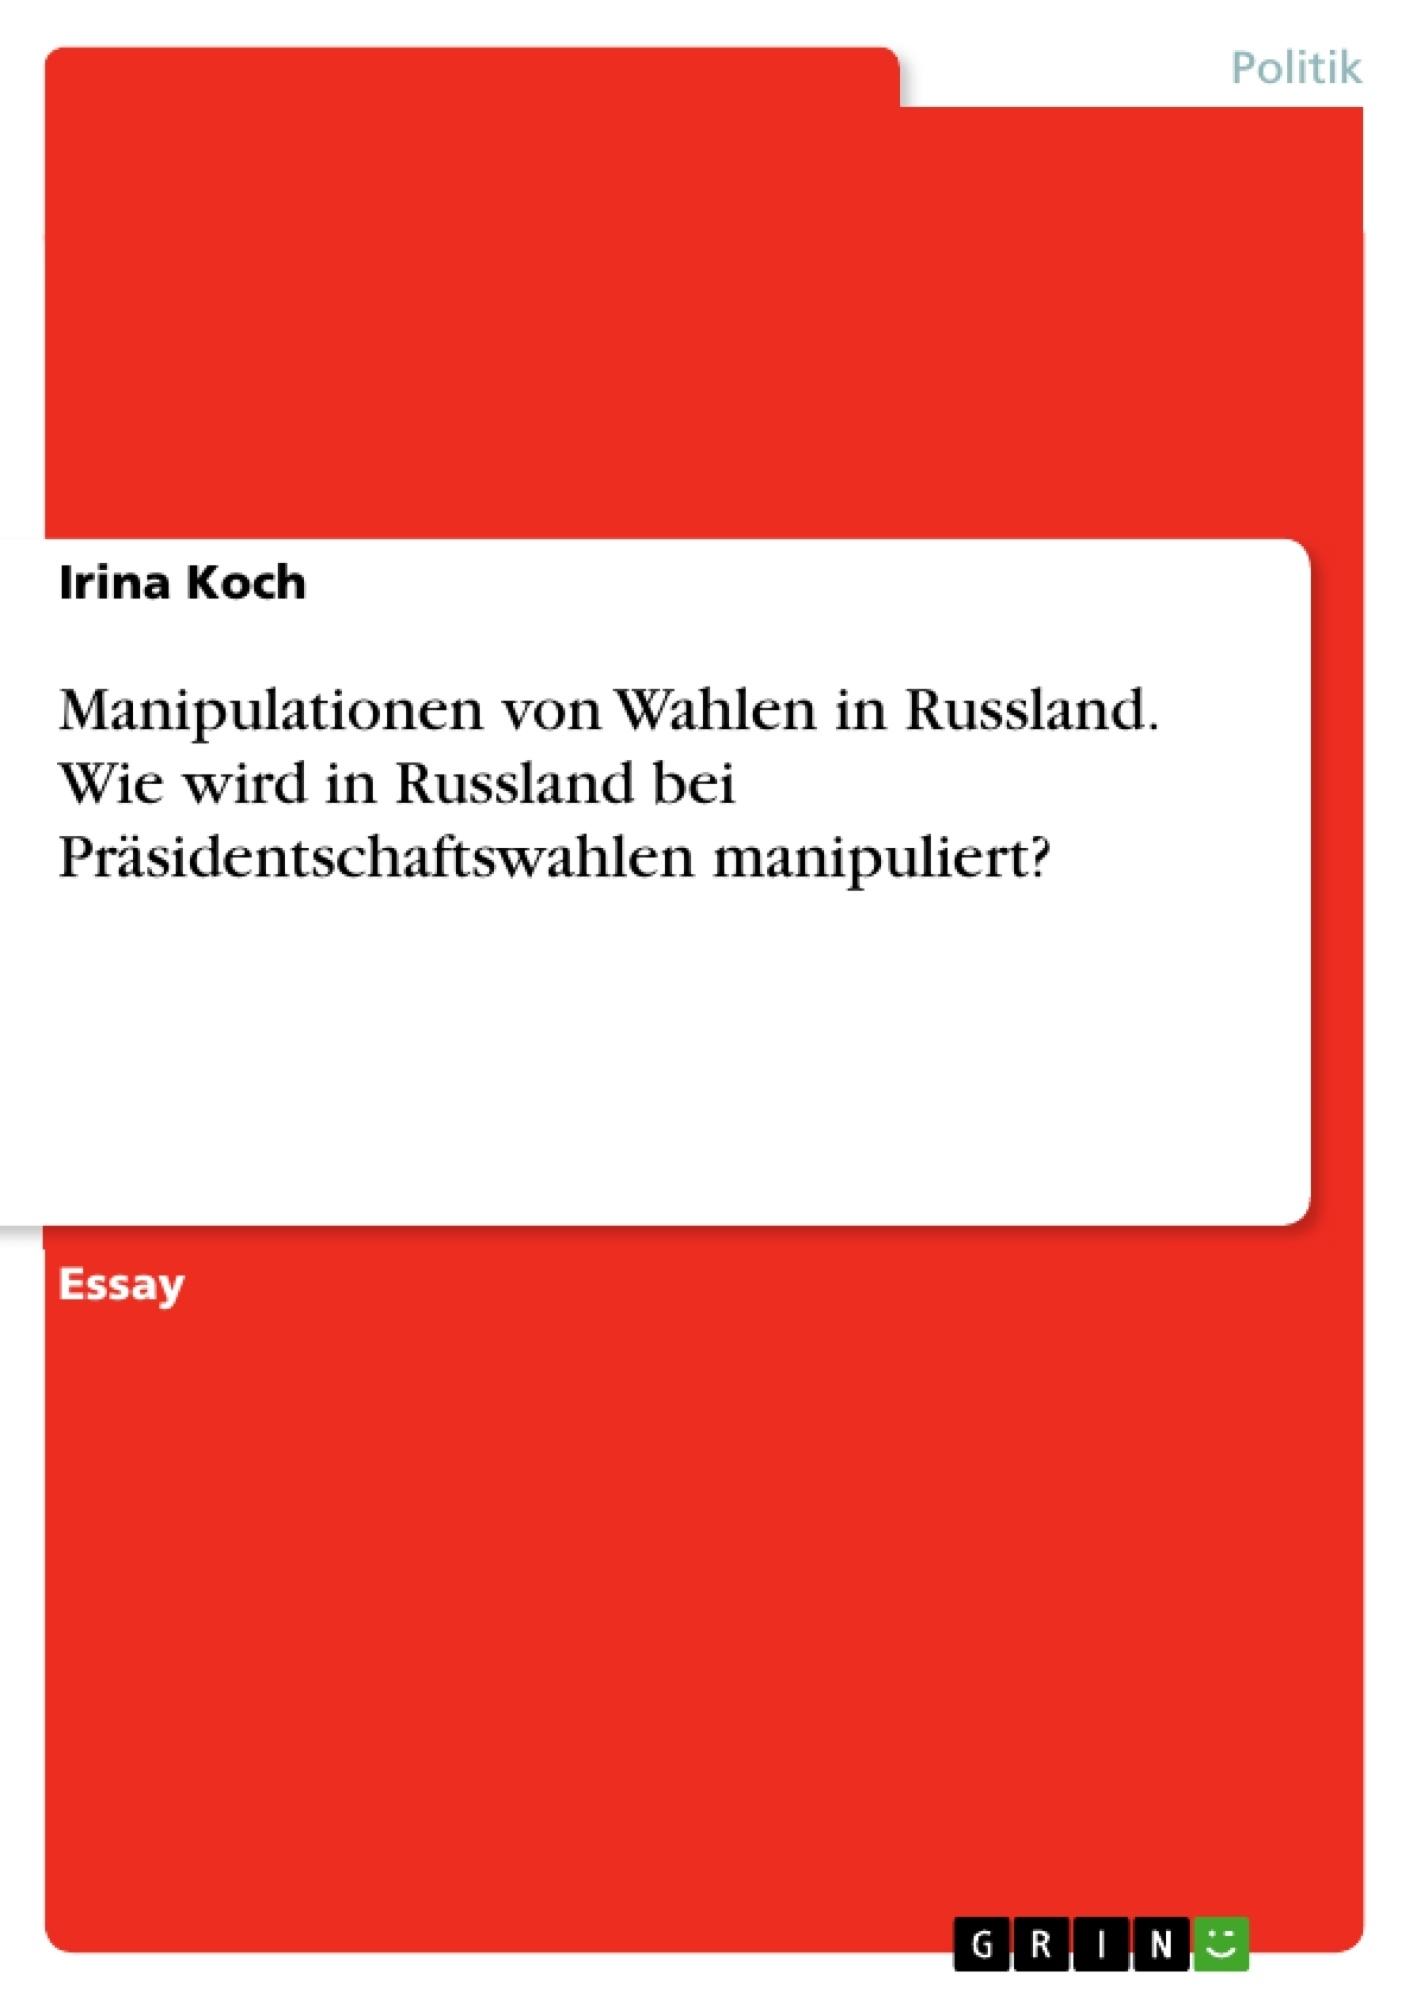 Titel: Manipulationen von Wahlen in Russland. Wie wird in Russland bei Präsidentschaftswahlen manipuliert?